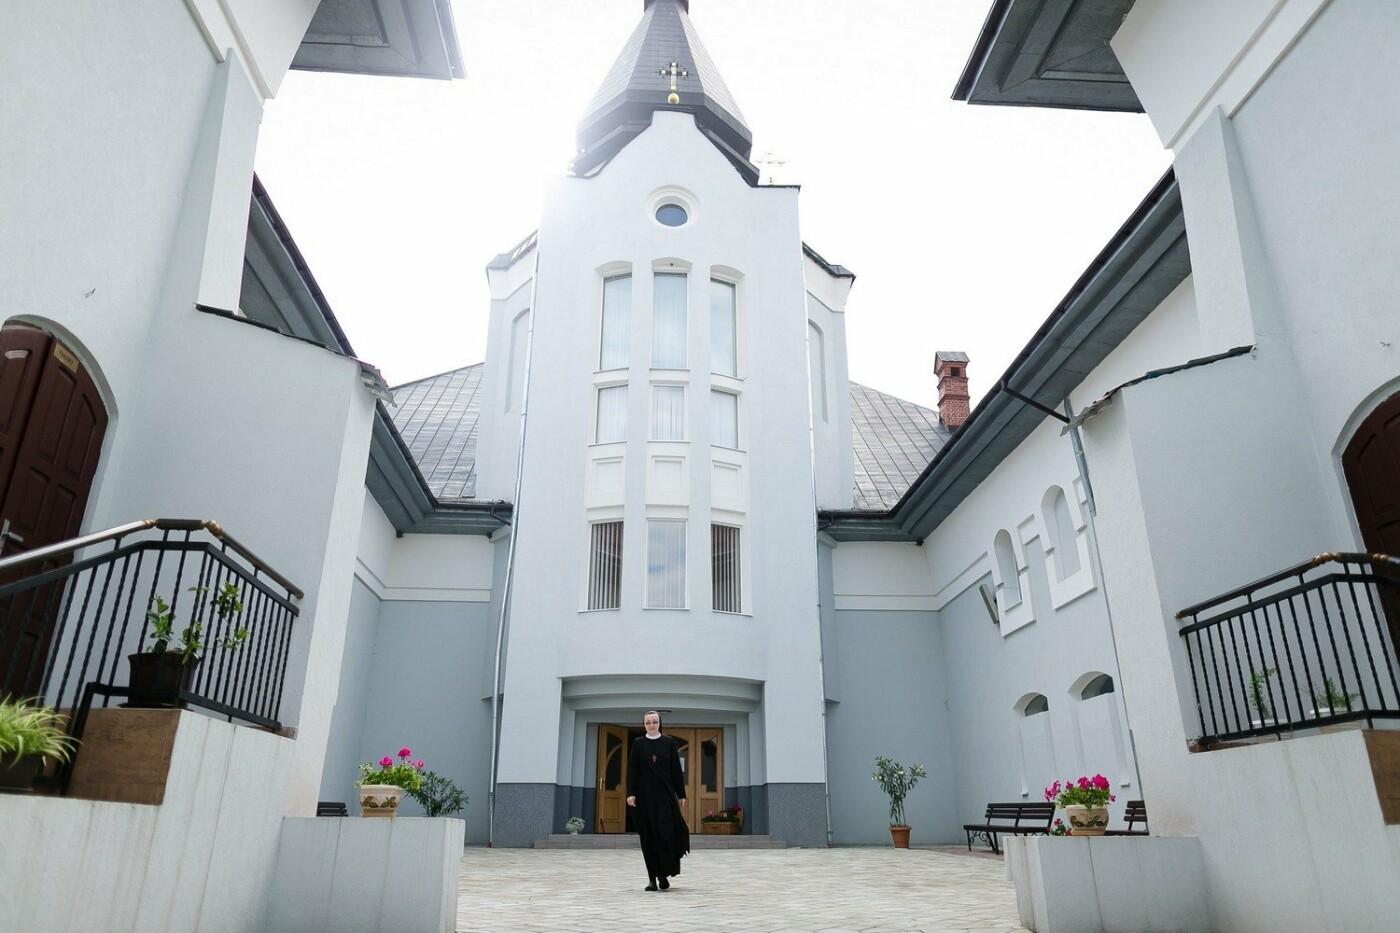 Монастир на Прикарпатті став центром соціального підприємництва. ФОТО, фото-3